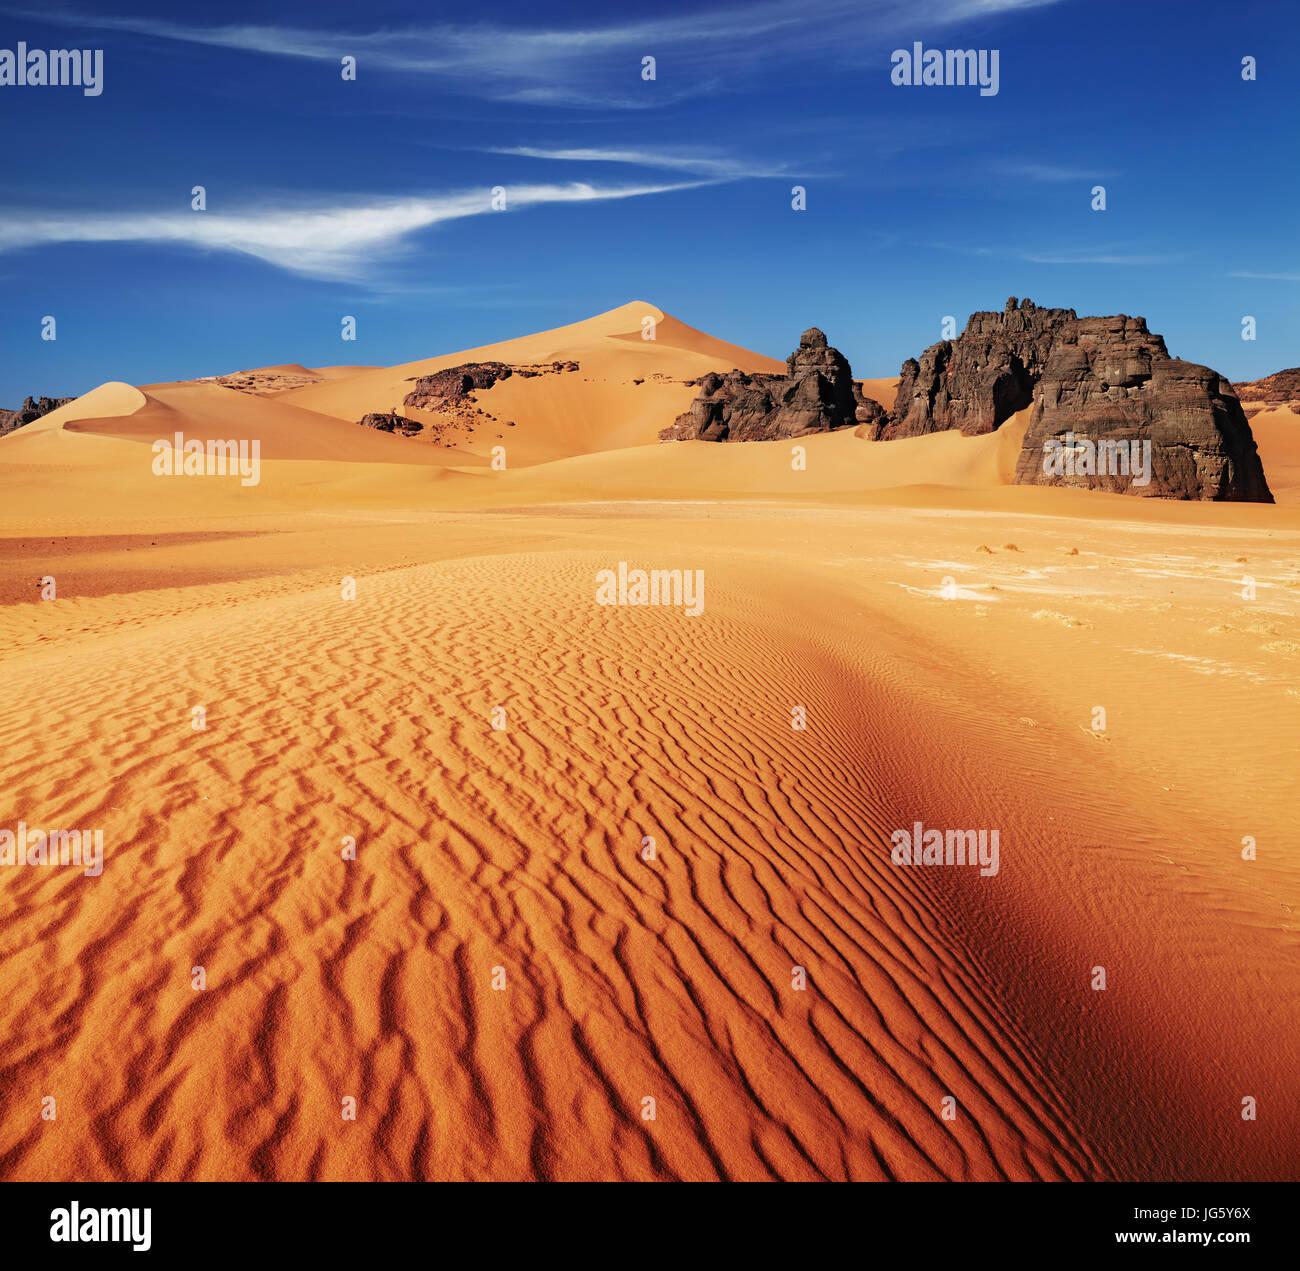 Dunas de arena y rocas, el desierto del Sahara, Argelia Imagen De Stock